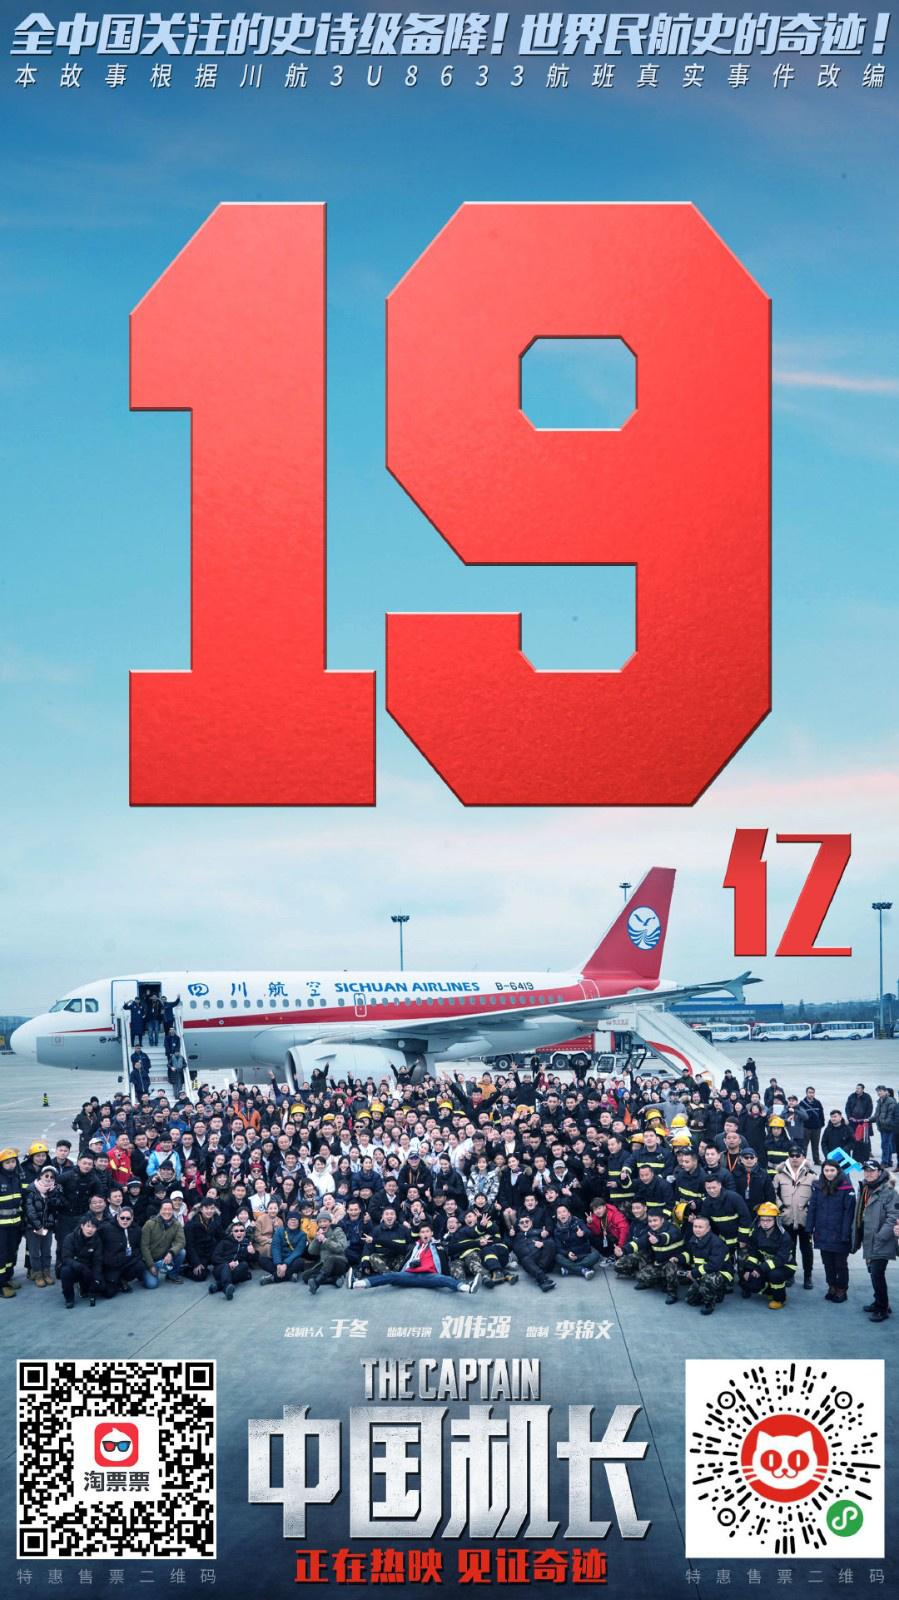 《中國機長》票房逆襲破19億!原型紀錄片引熱議